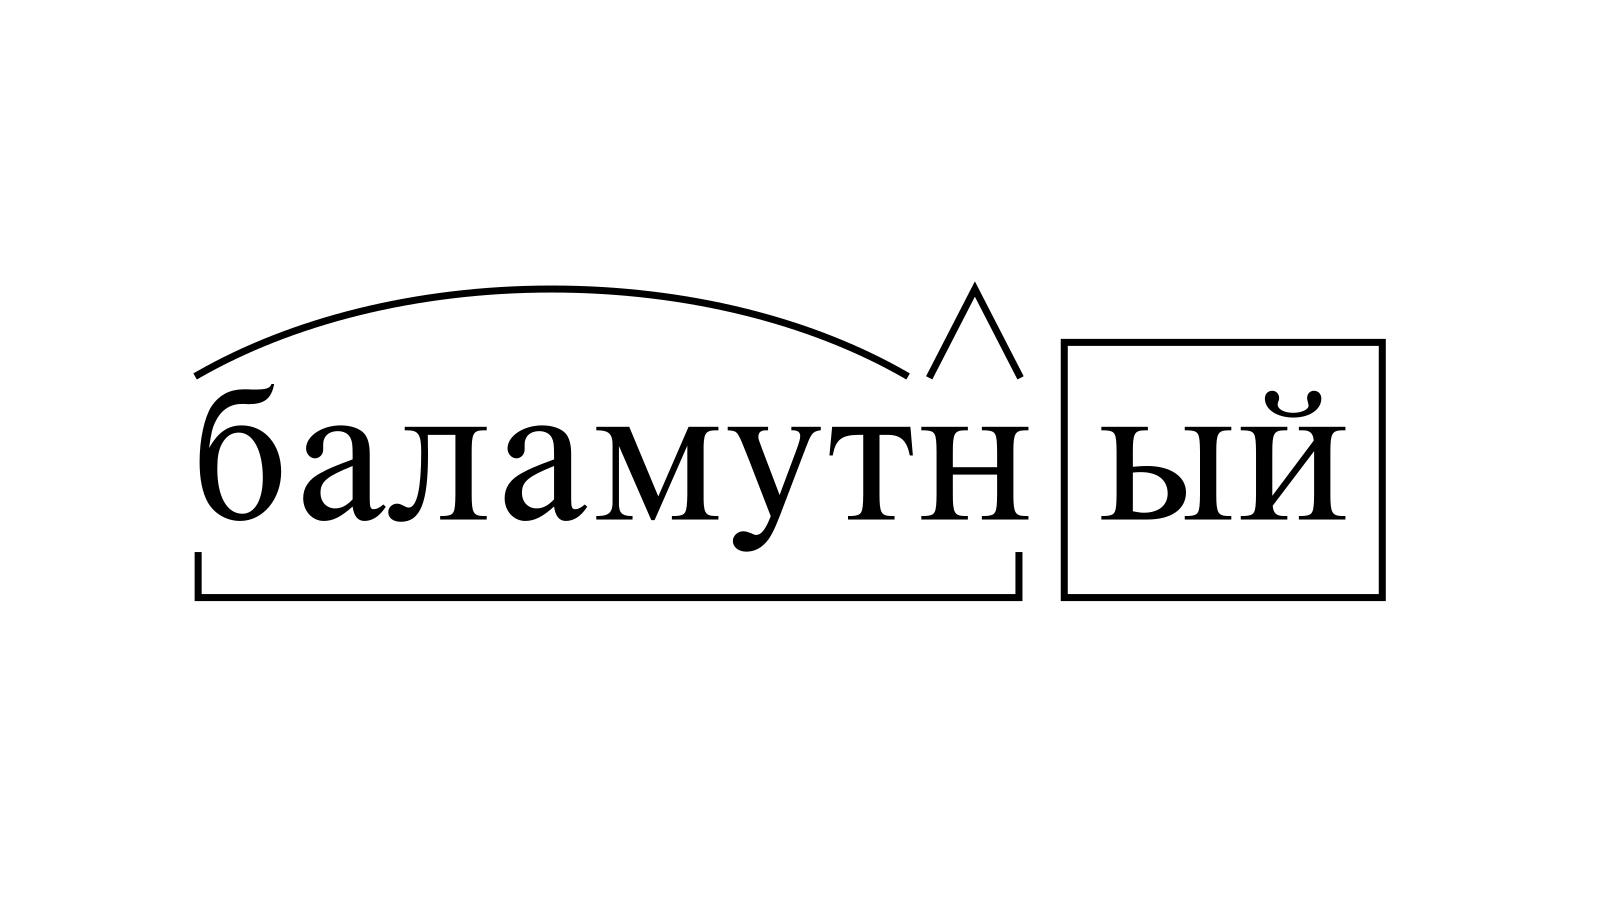 Разбор слова «баламутный» по составу